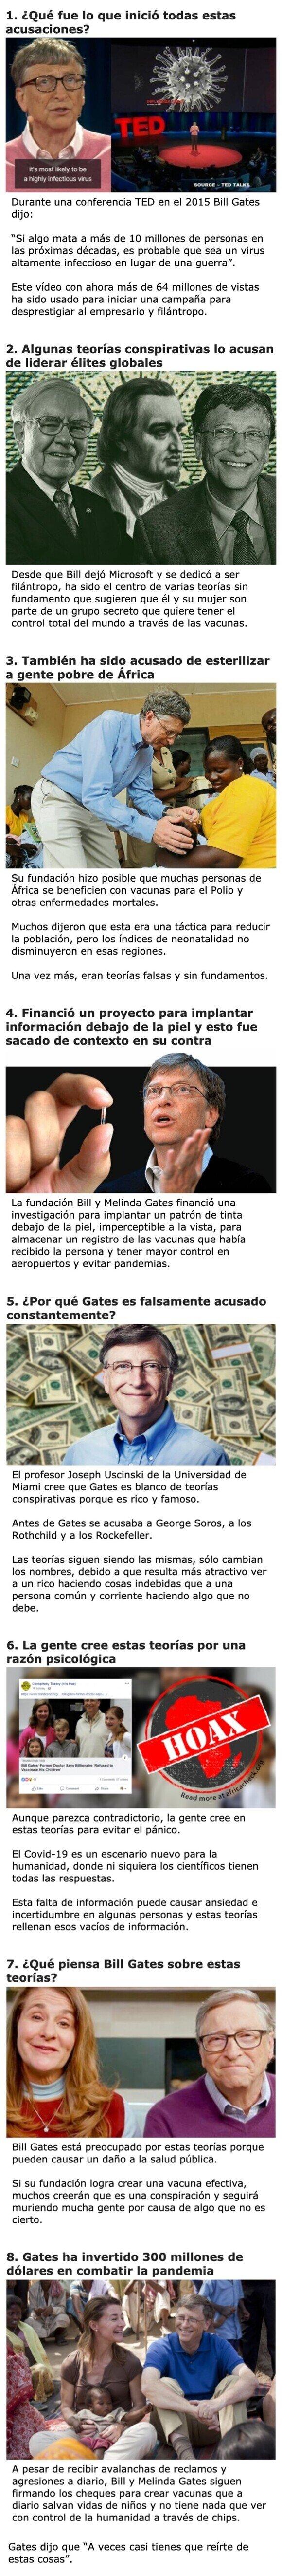 18155 - Razones para que la gente entienda de una vez por todas que Bill Gates NO provocó el Covid-19